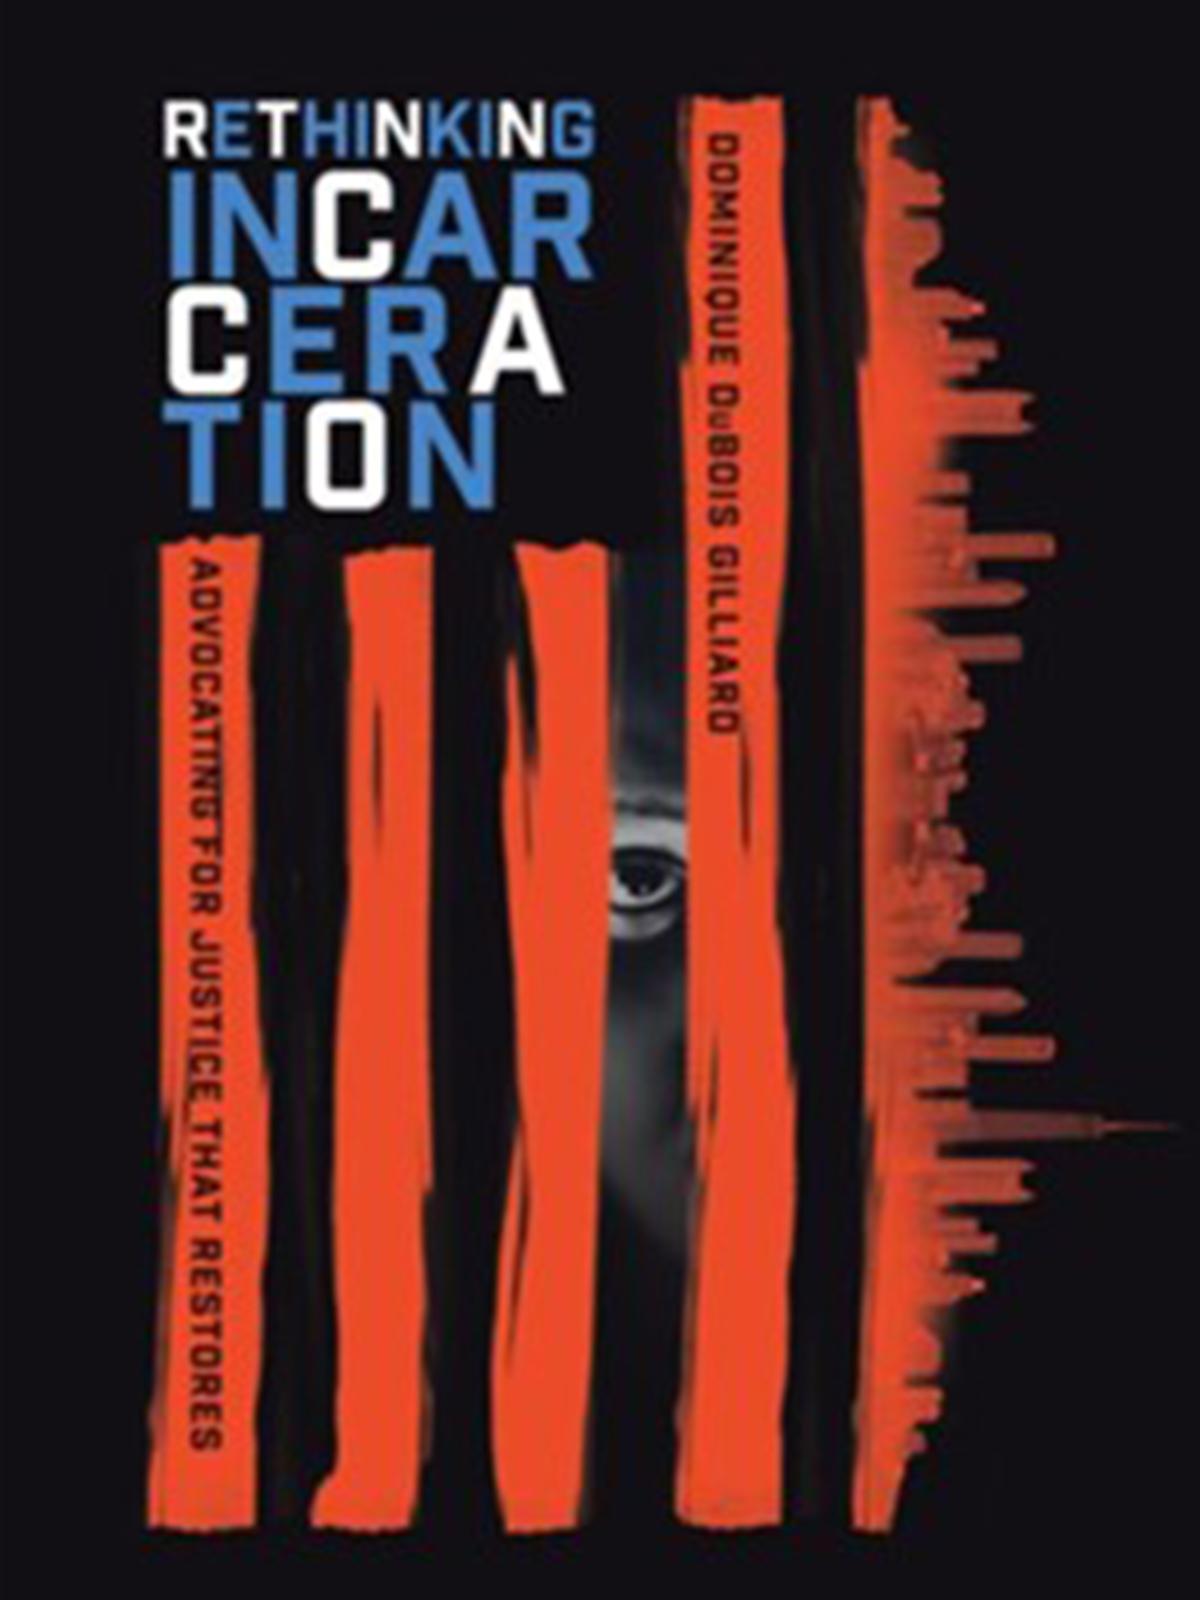 Book_Rethinking Incarceration